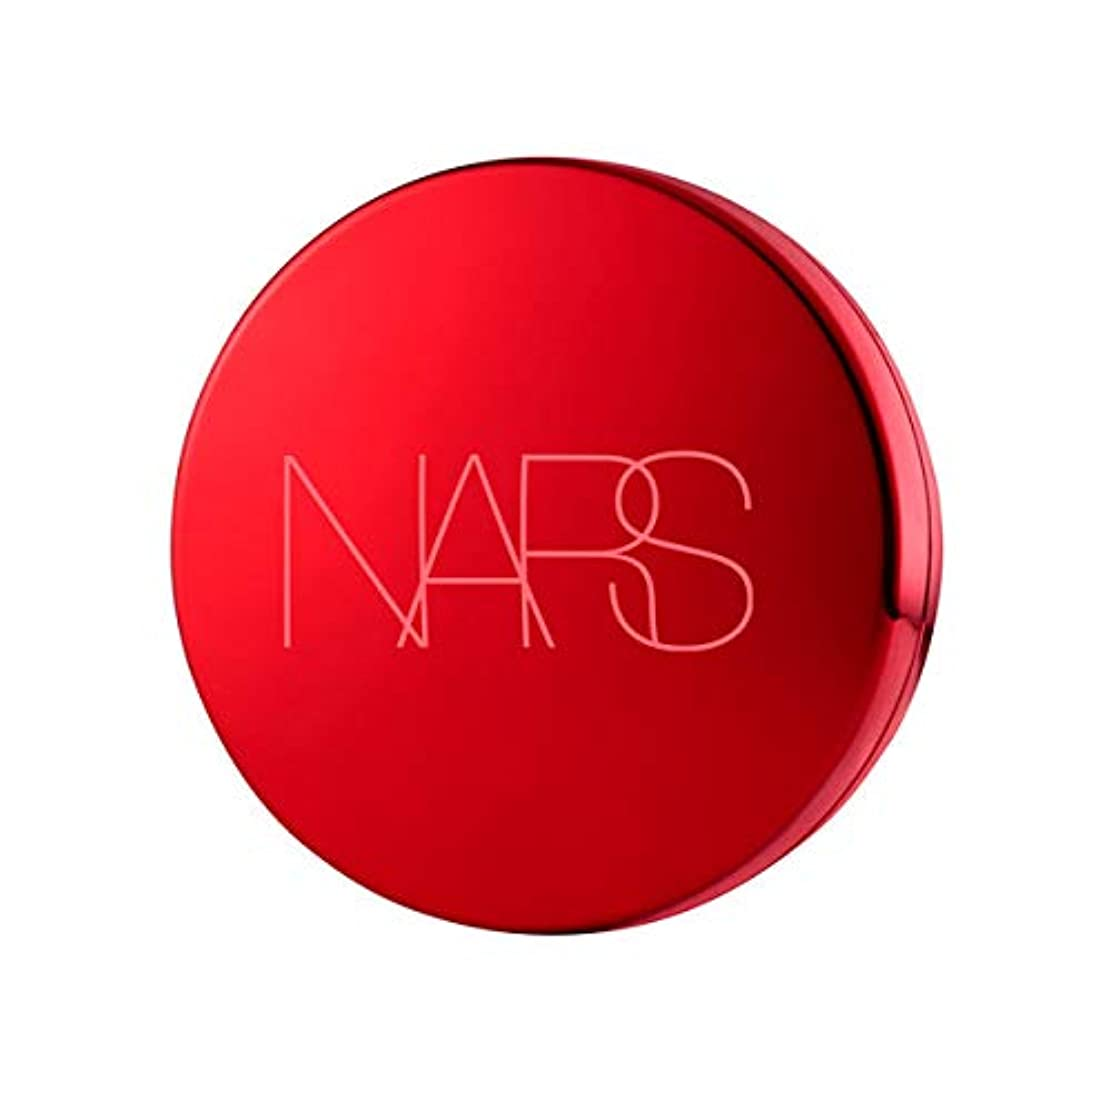 ベーコン改革帆【NARS(ナーズ)】 アクアティックグロー クッションコンパクト スペシャルエディションケース